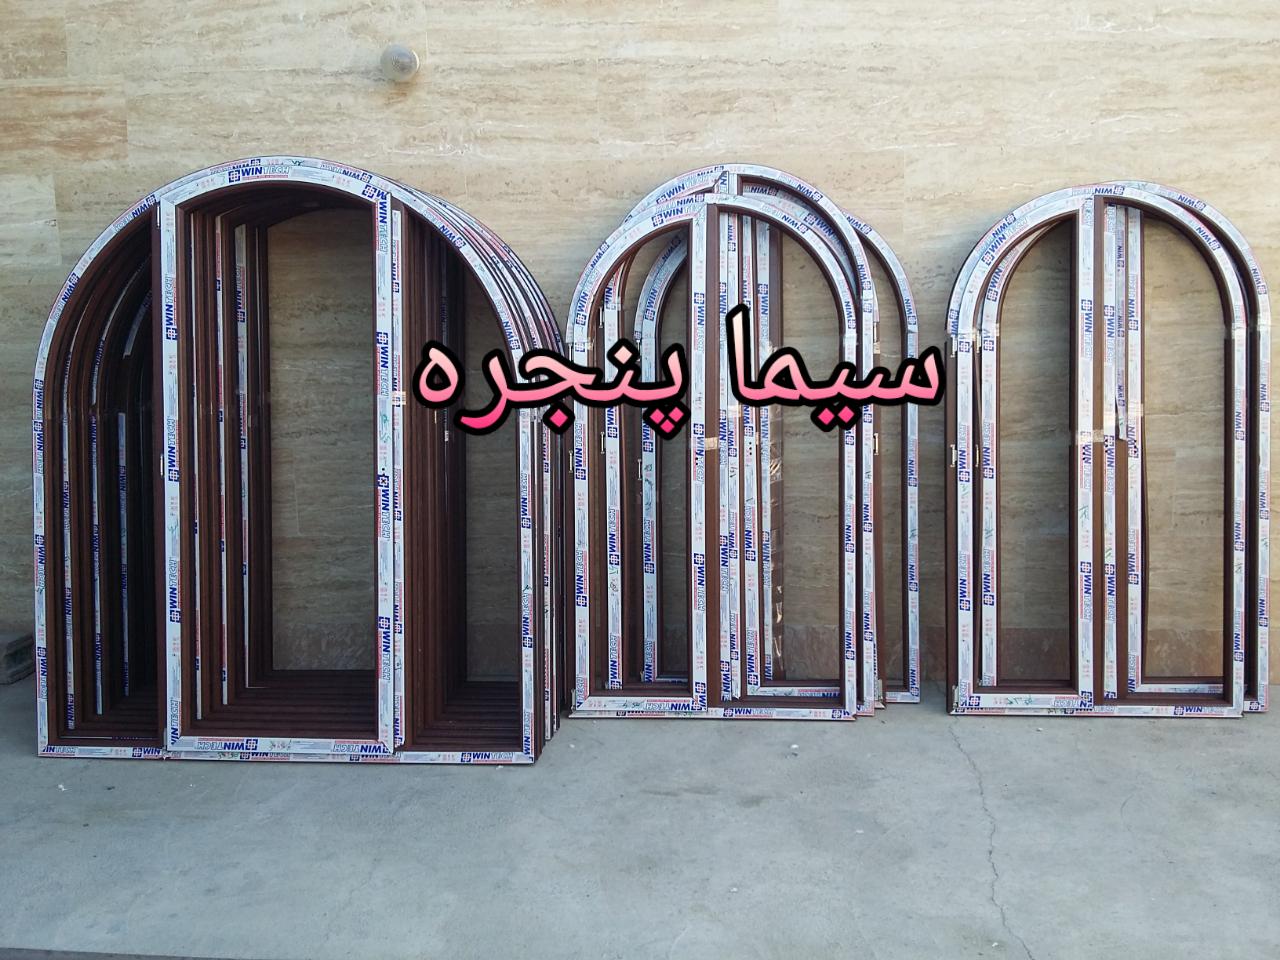 خم پروفیل پنجره دو جداره upvc پنجره منحنی ویترینی محدوده شهریار کرج شهر قدس upvc پنجره خم و قوس دار پنجره خاص و مدرن